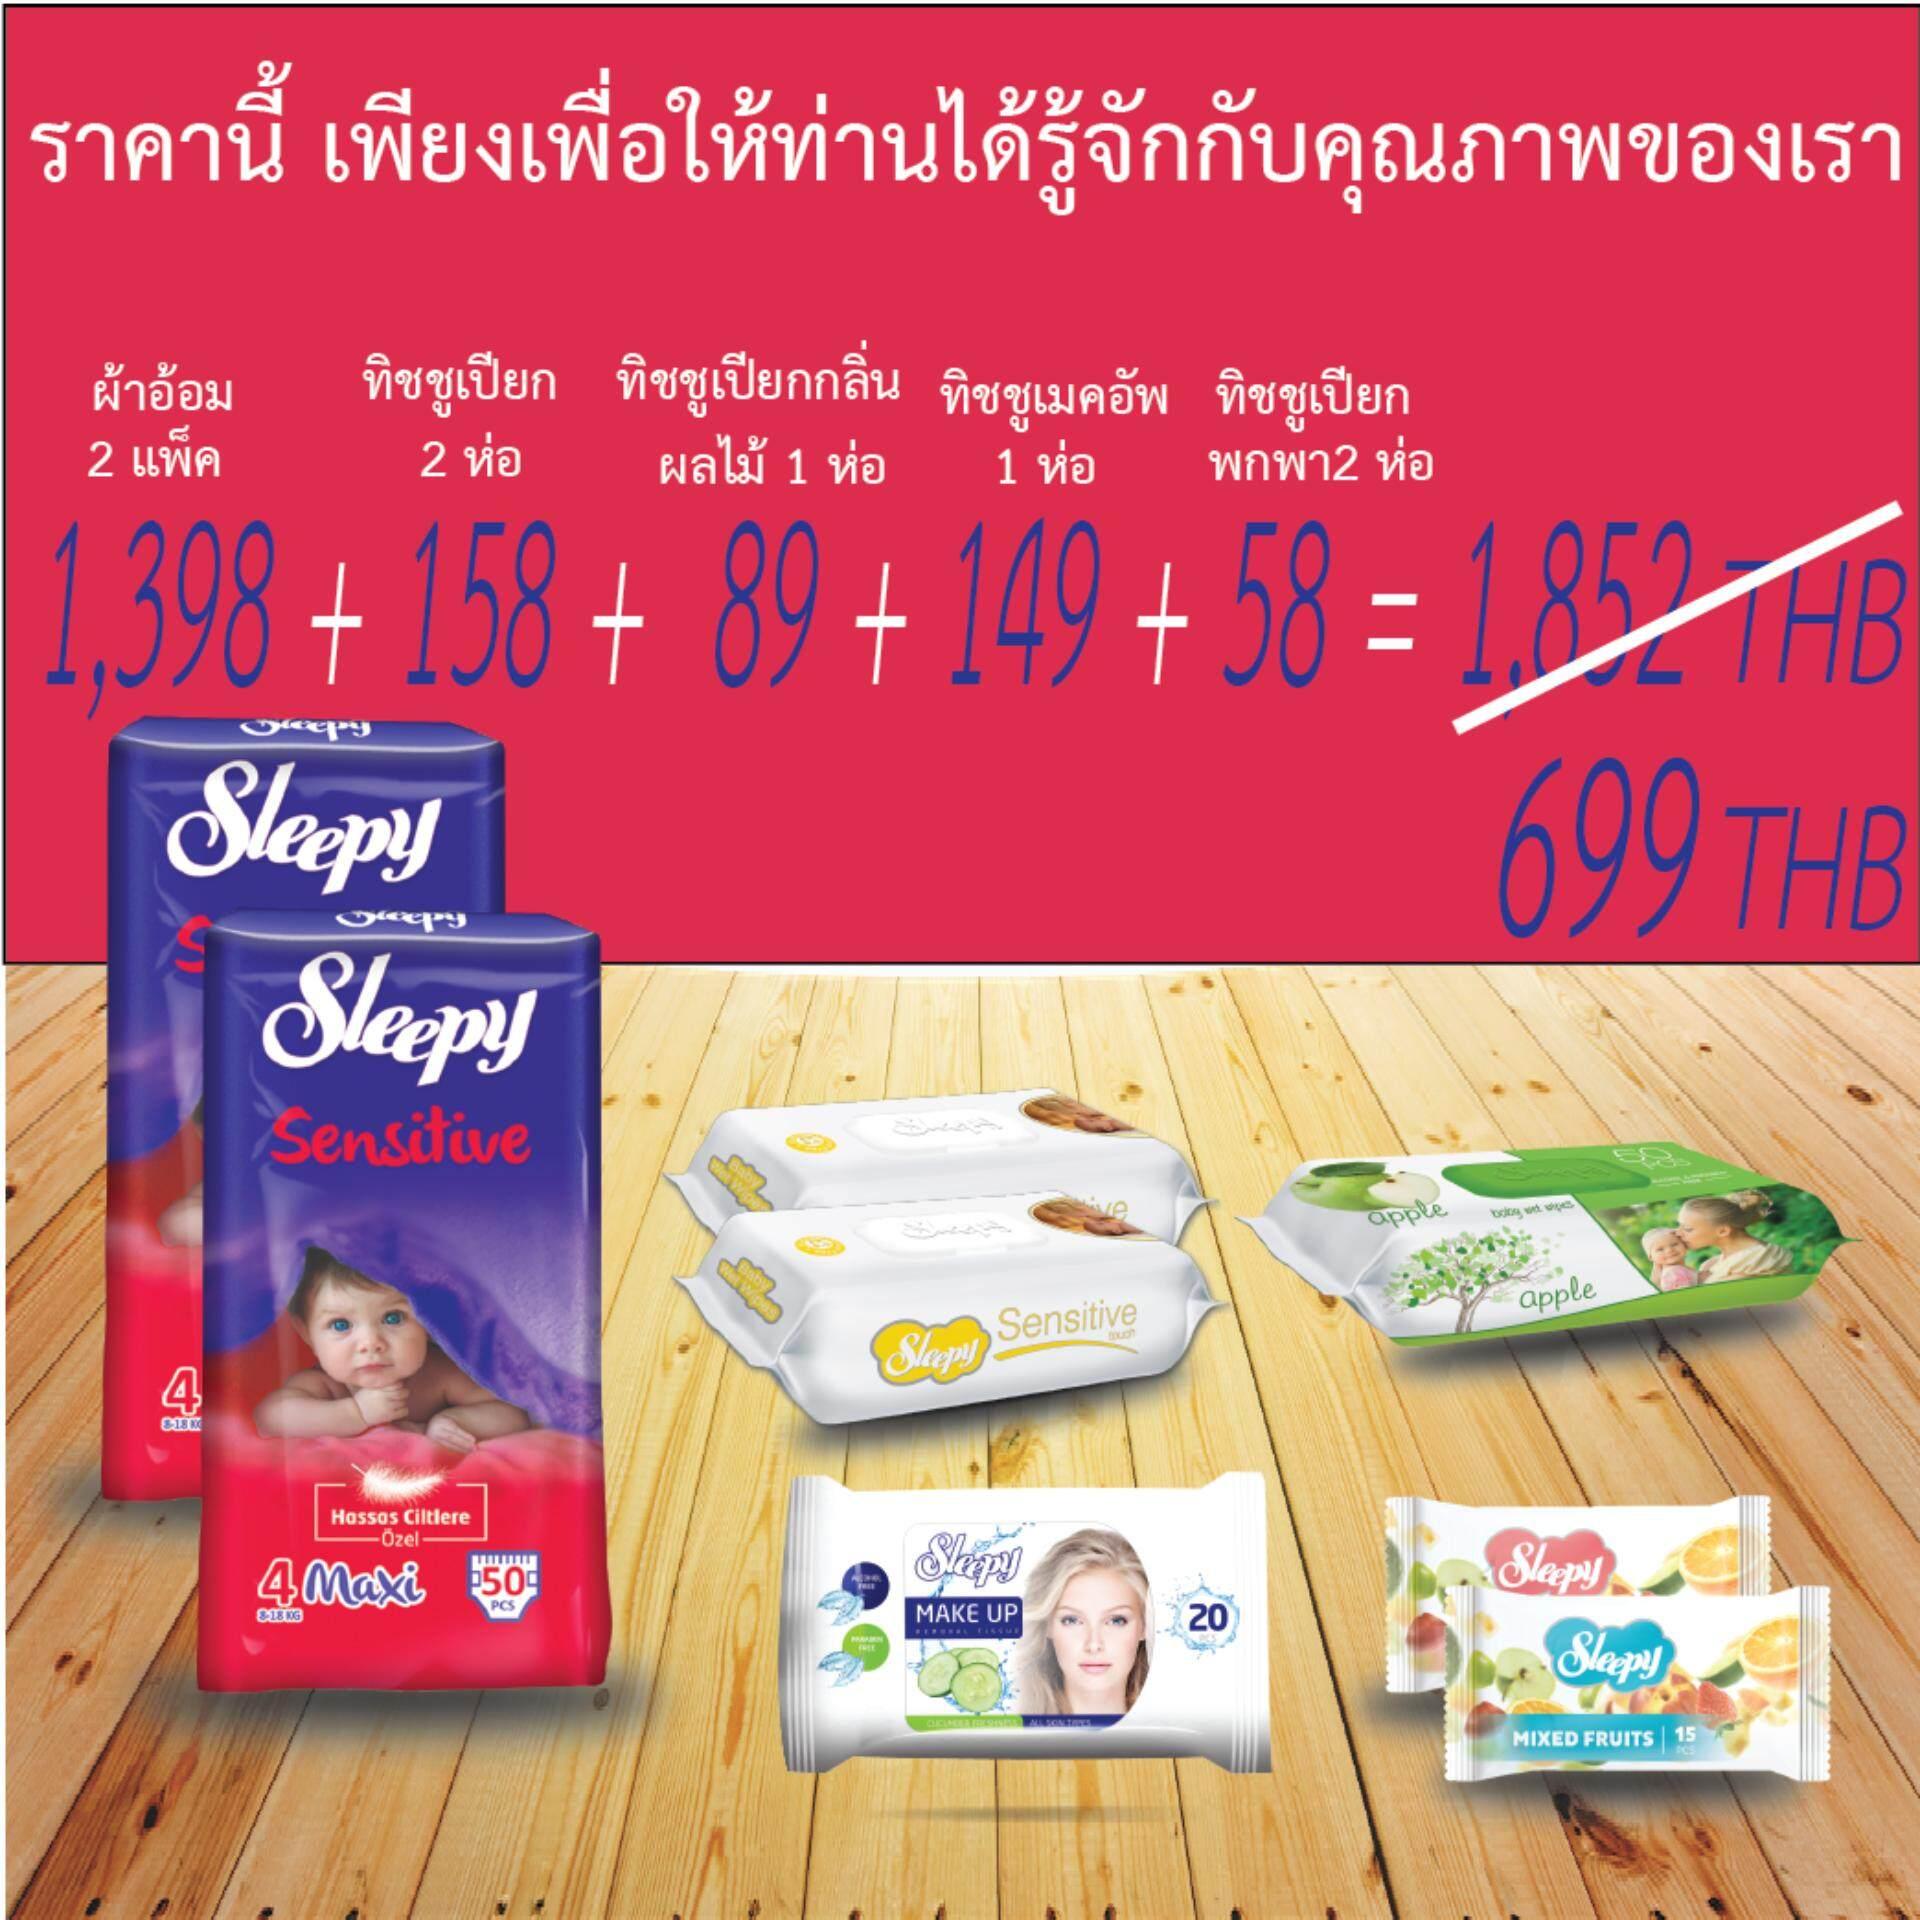 ราคา Sleepy Sensitive ไซส์ Maxi ไซส์ L แพ็คละ 50 ชิ้น สำหรับเด็กน้ำหนัก 8 18 กก 2 แพ็ค 100 ชิ้น ของขวัญทิชชู่เปียก 5 ห่อ และเมคอัพรีมูเวิลทิชชู 1 ห่อ รวมมูลค่า 454 บาท ใหม่ล่าสุด